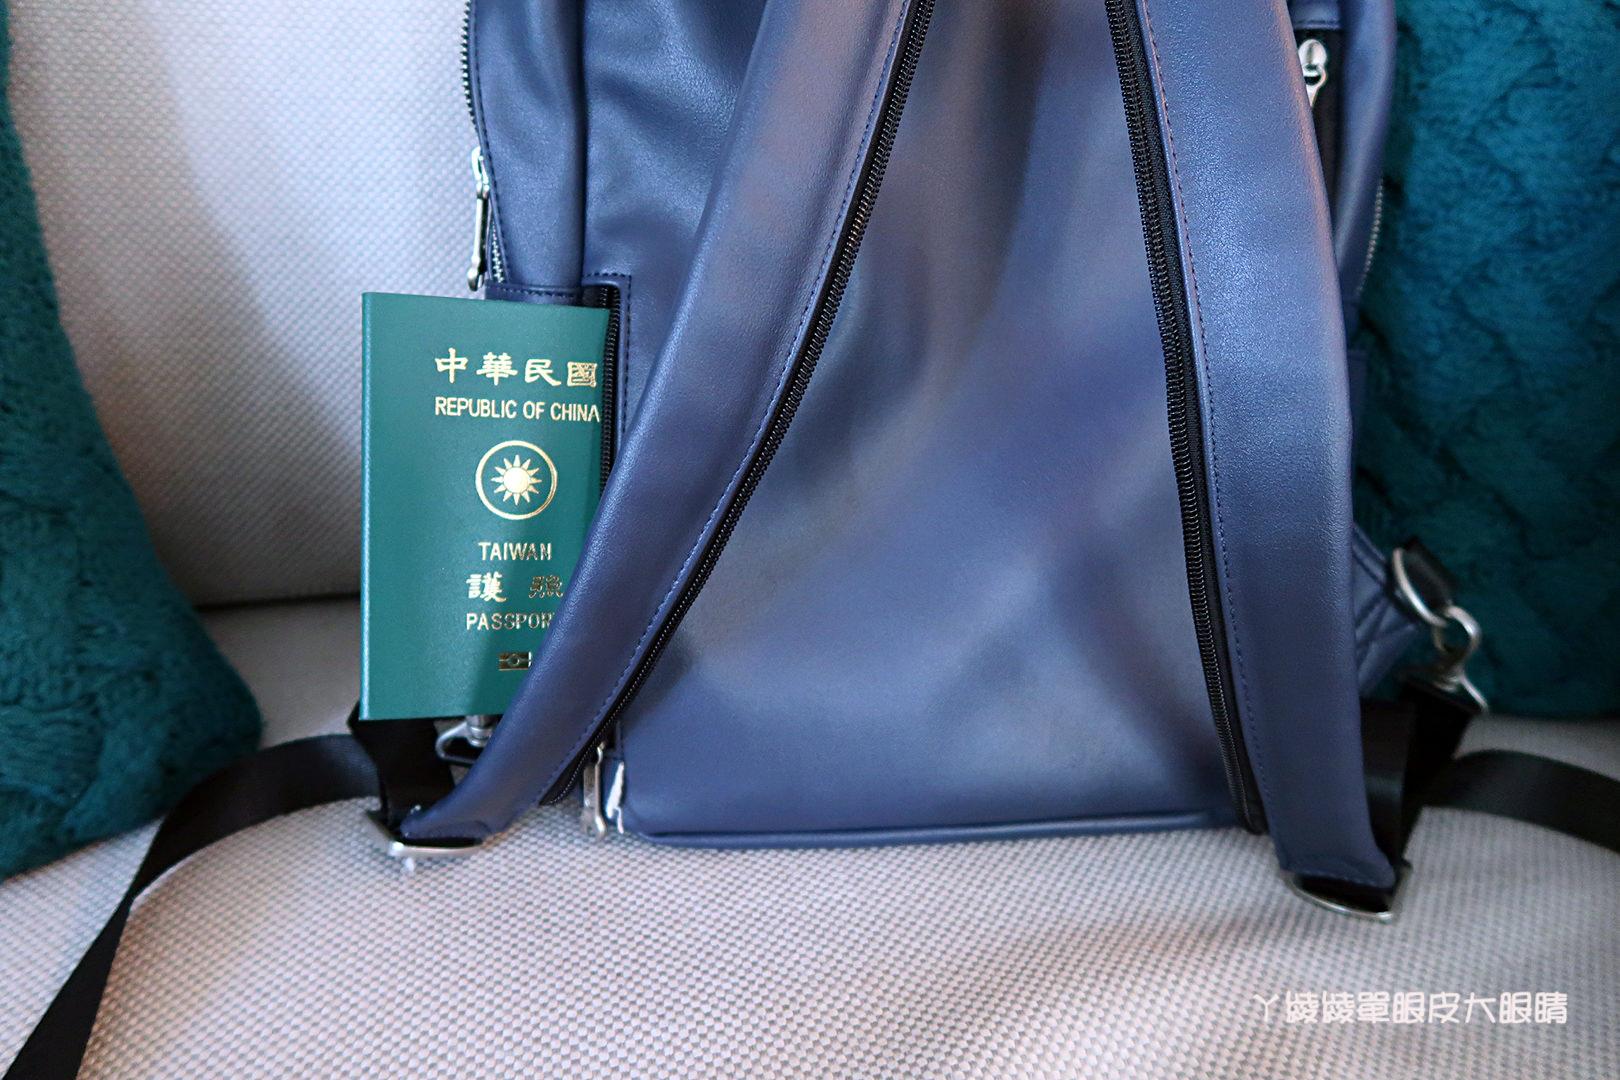 輕旅行必備好物!超實用多功能後背包推薦這款!RITE奇幻稻草人包